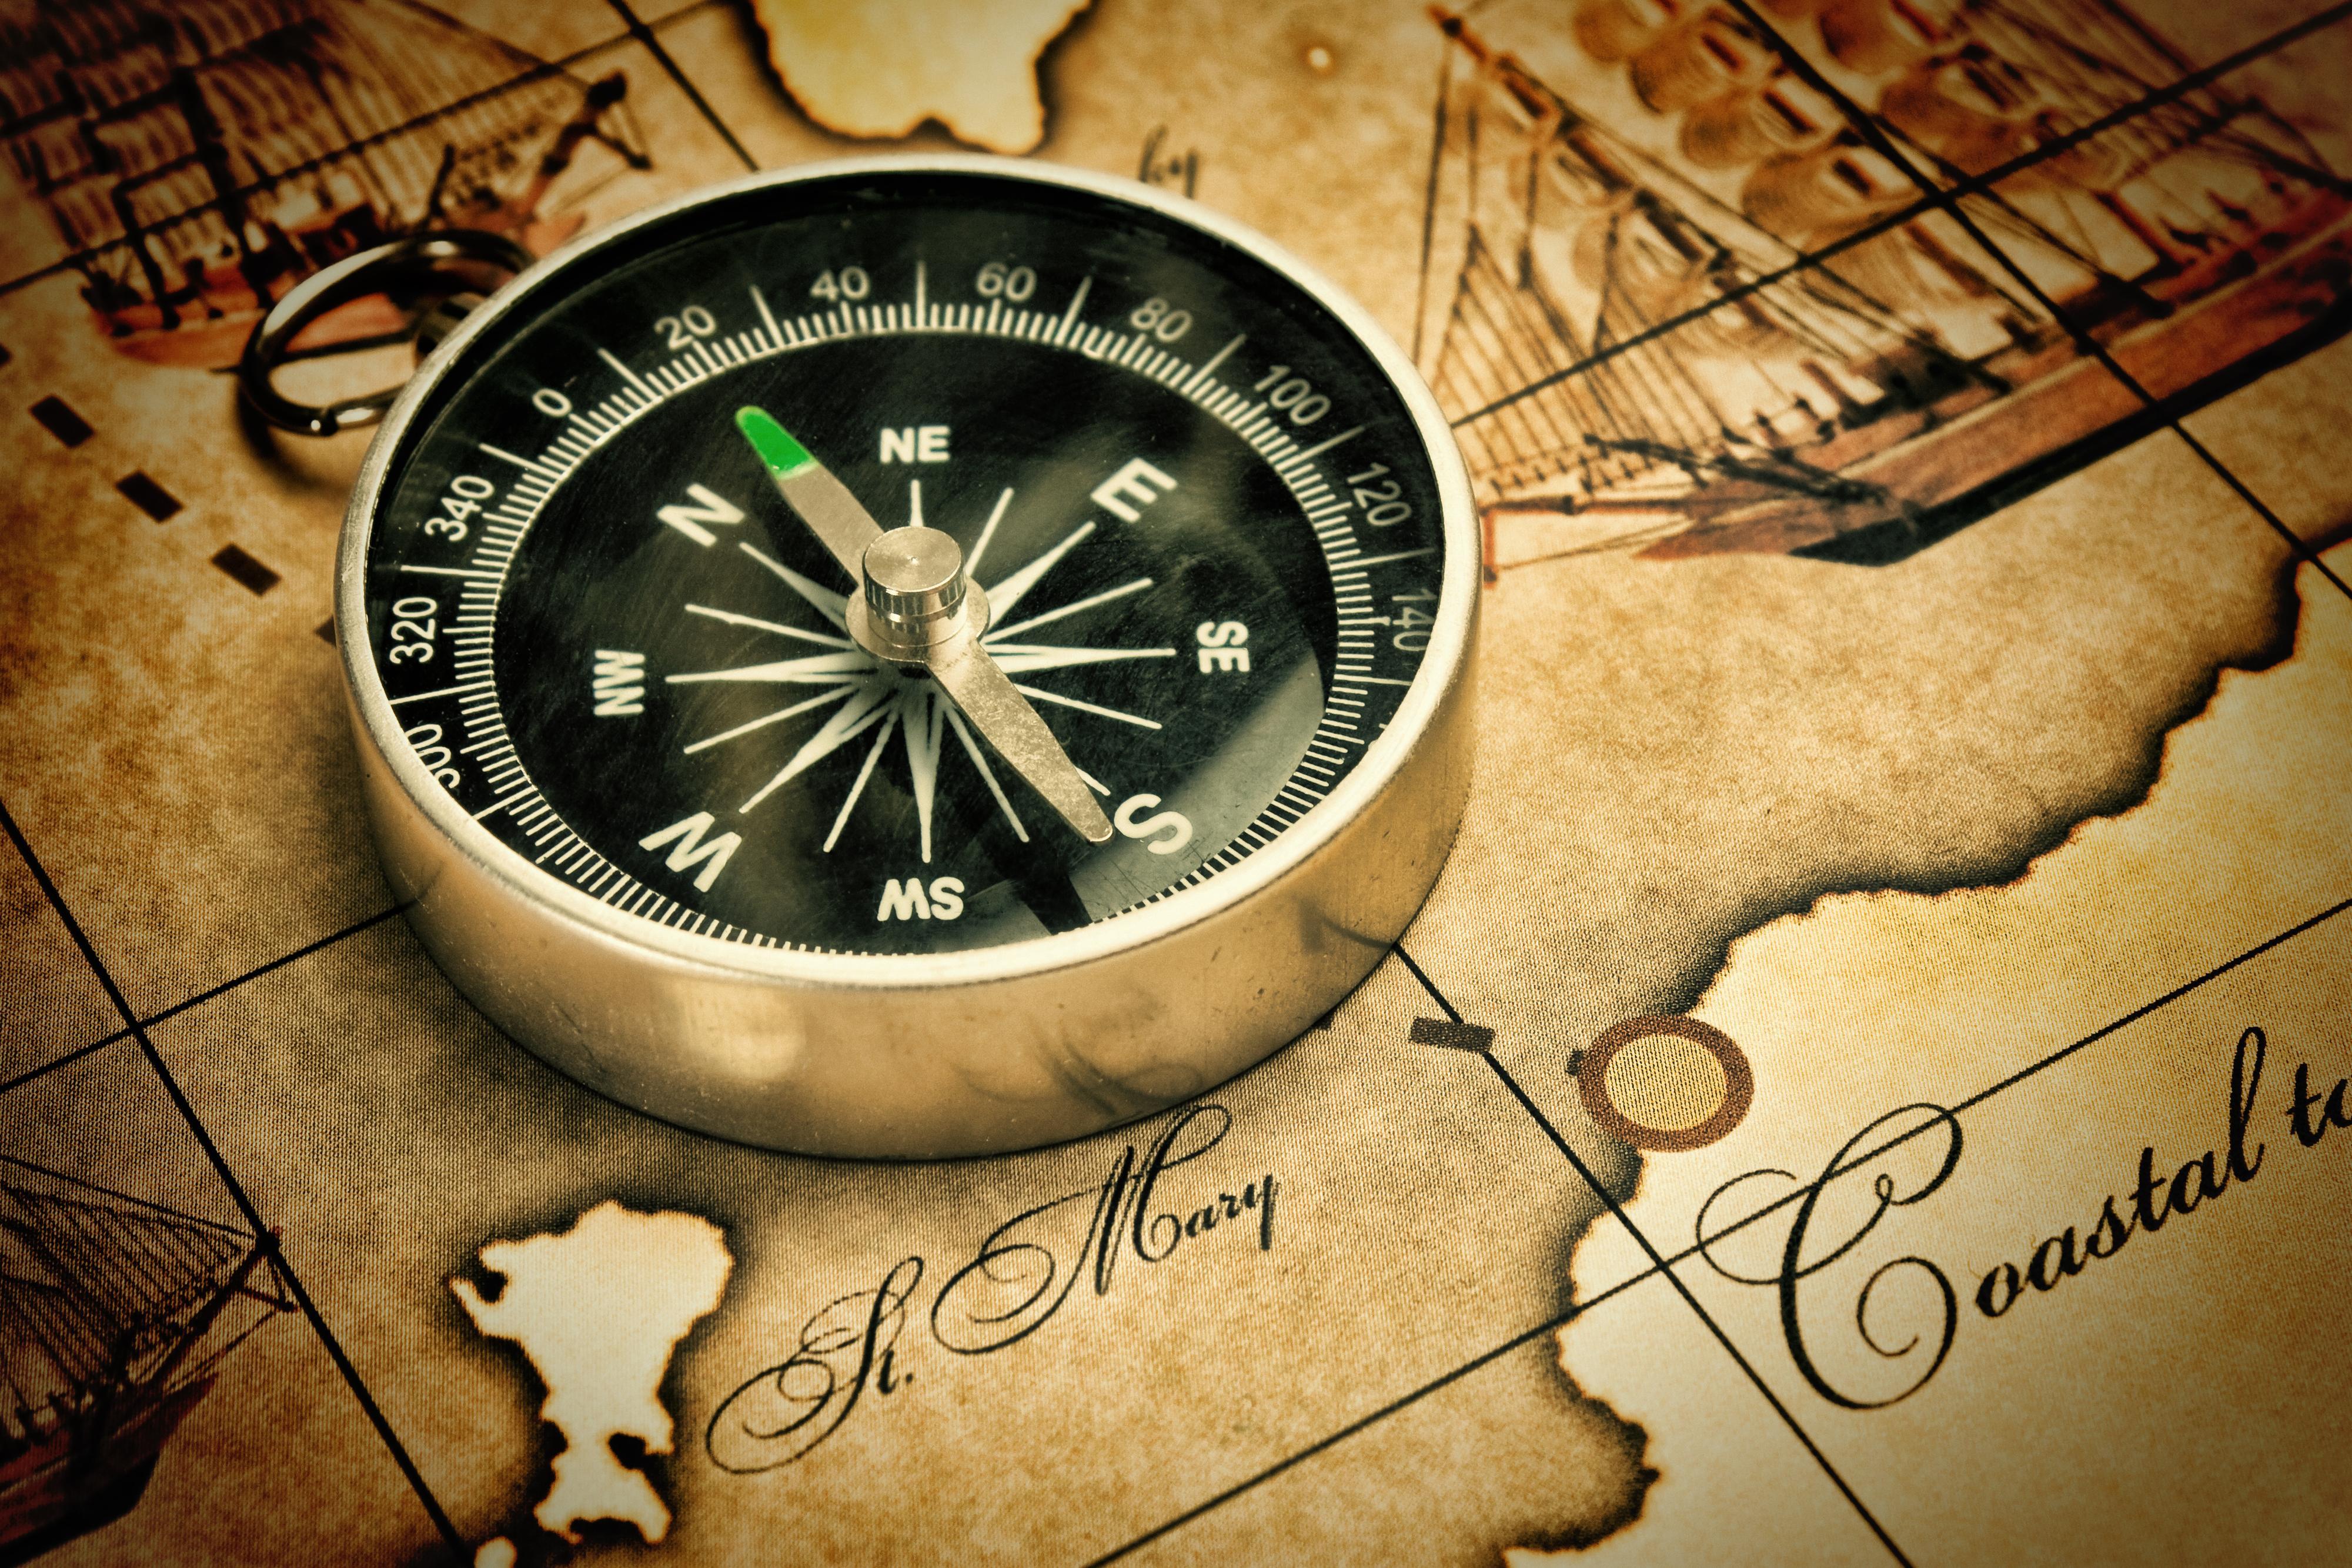 Før gyroskopet ble en del av mobilene våre ble det digitale kompasset både brukt til navigasjon og som styringsmetode i spill og utvidet virkelighet.Foto: Shutterstock.com